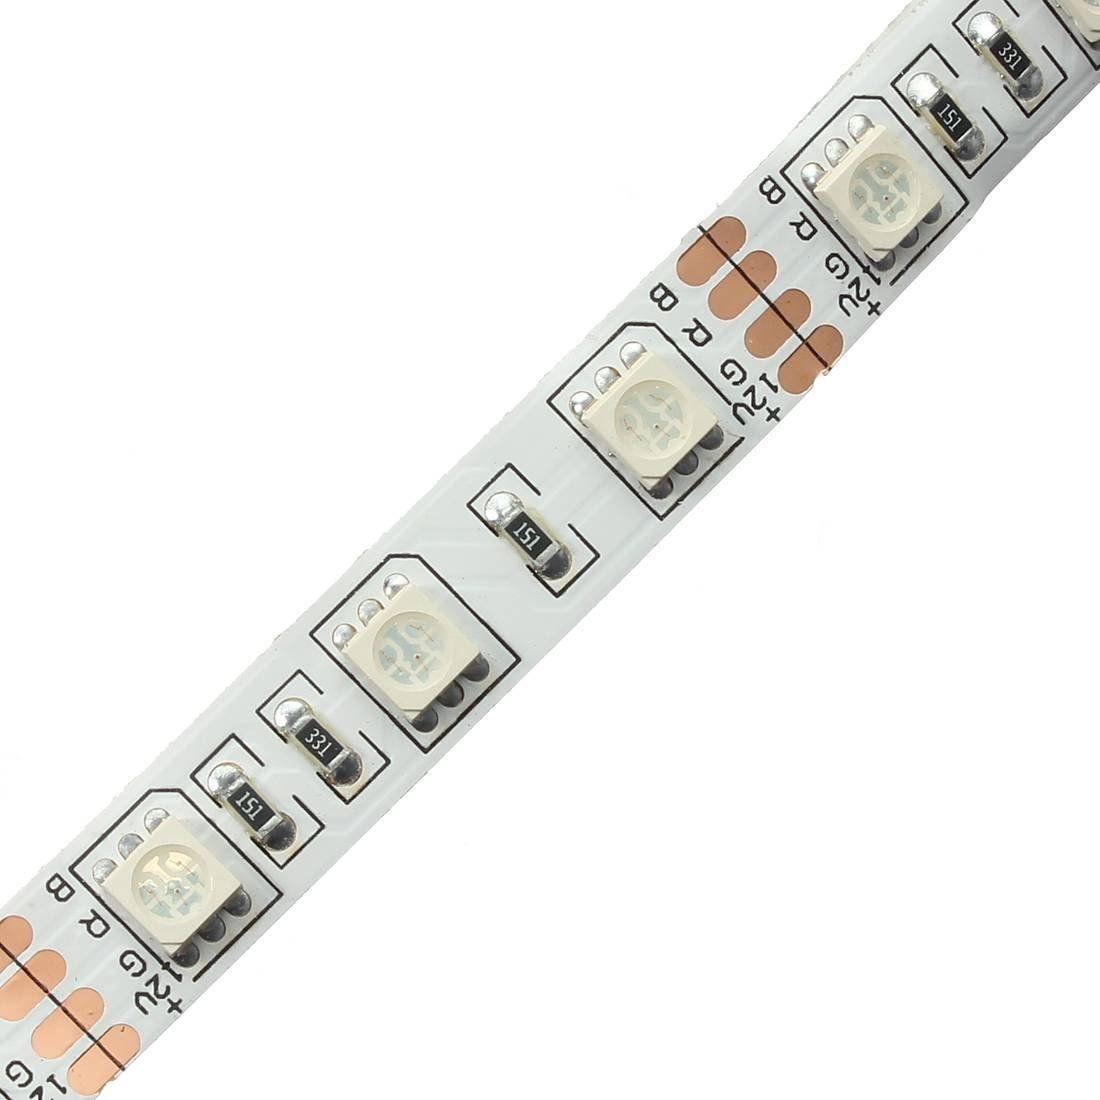 Полностью готовый к работе набор светодиодной ленты ленты 5050 в него входит